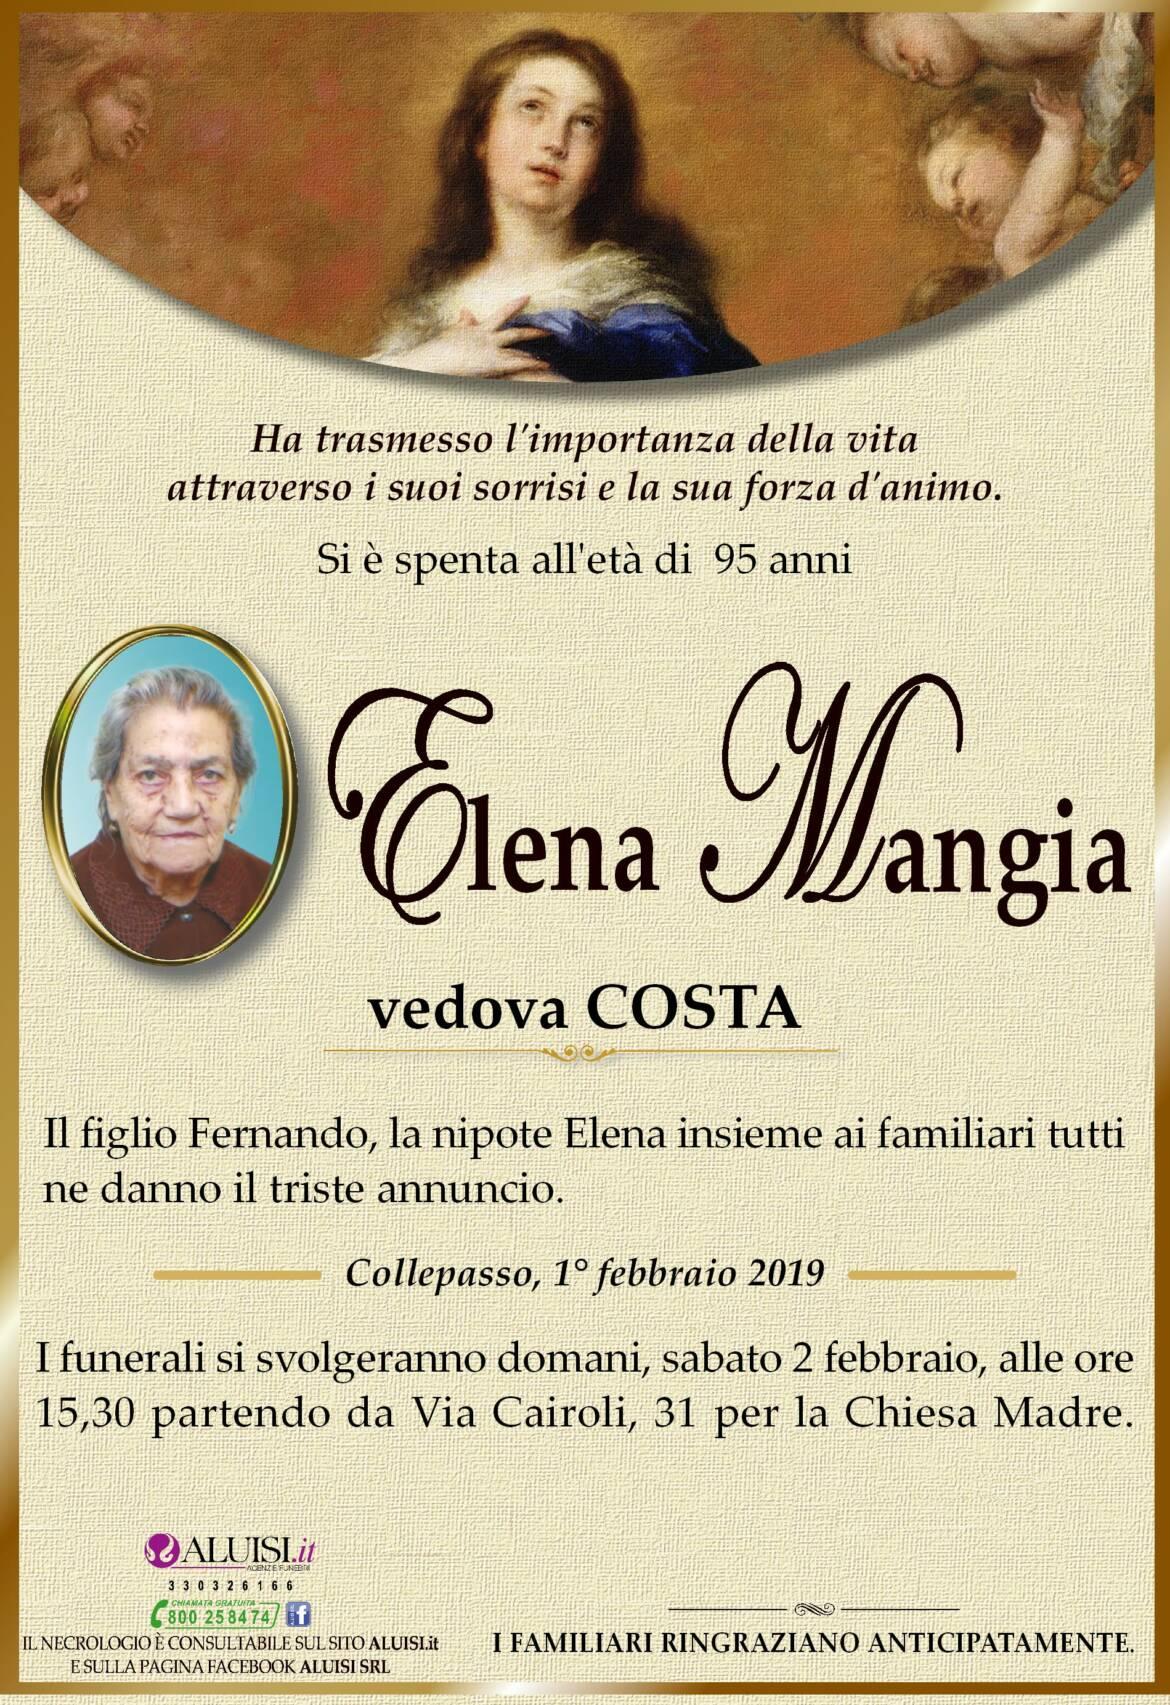 annuncio-elena-mangia-fb.jpg